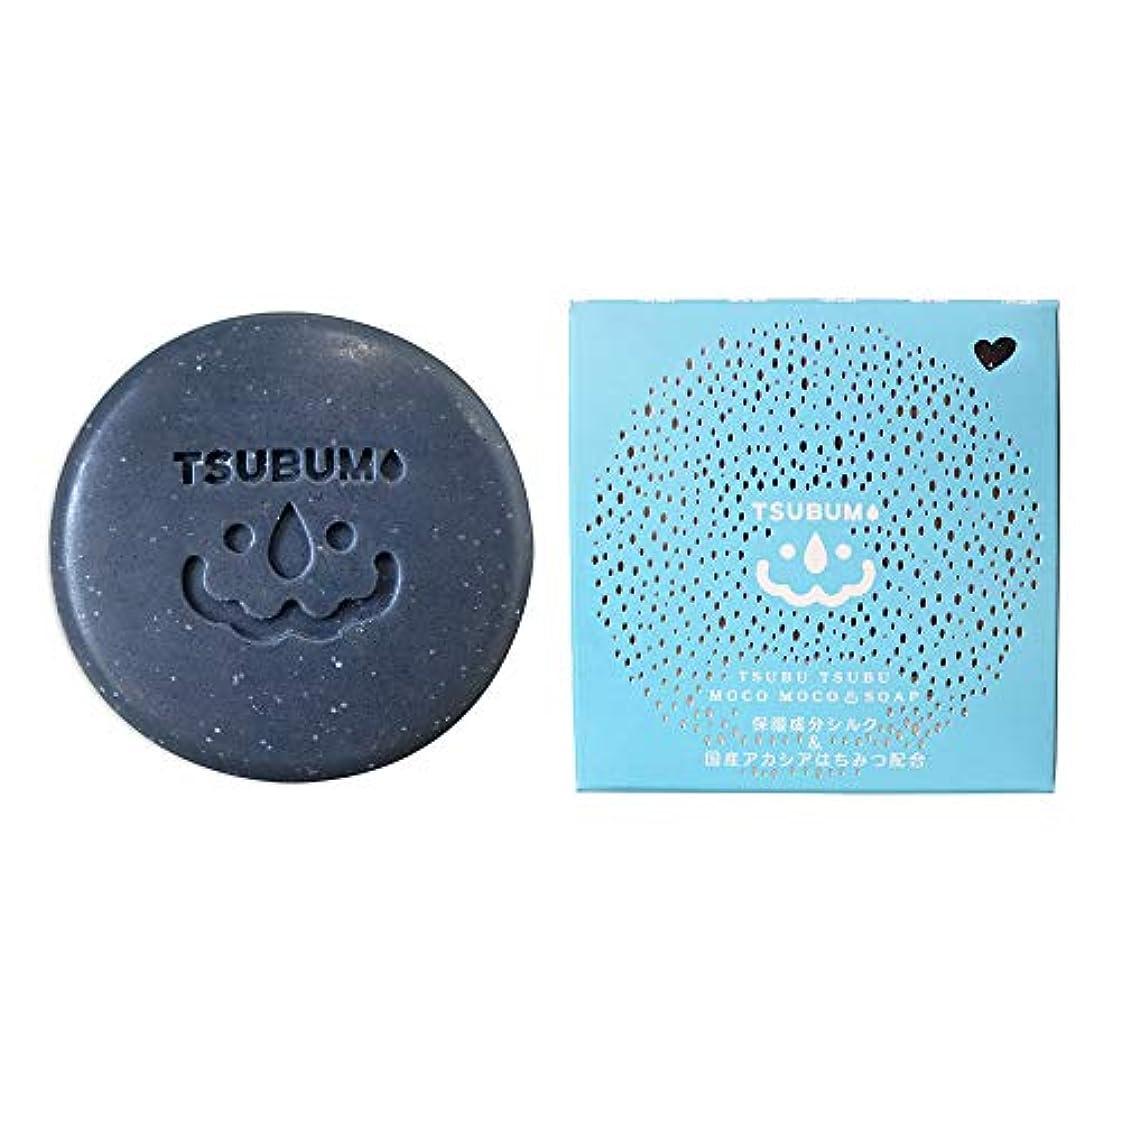 ミュートカートおもてなし【TSUBUMO(ツブモ)】天然植物由来 プレミアムミネラルソープ 固形 フェイス&ボディ用 90g×1個|アルガンオイル 馬油 ガスール 着色料不使用 低刺激 敏感肌|日本製|ファミリー向け